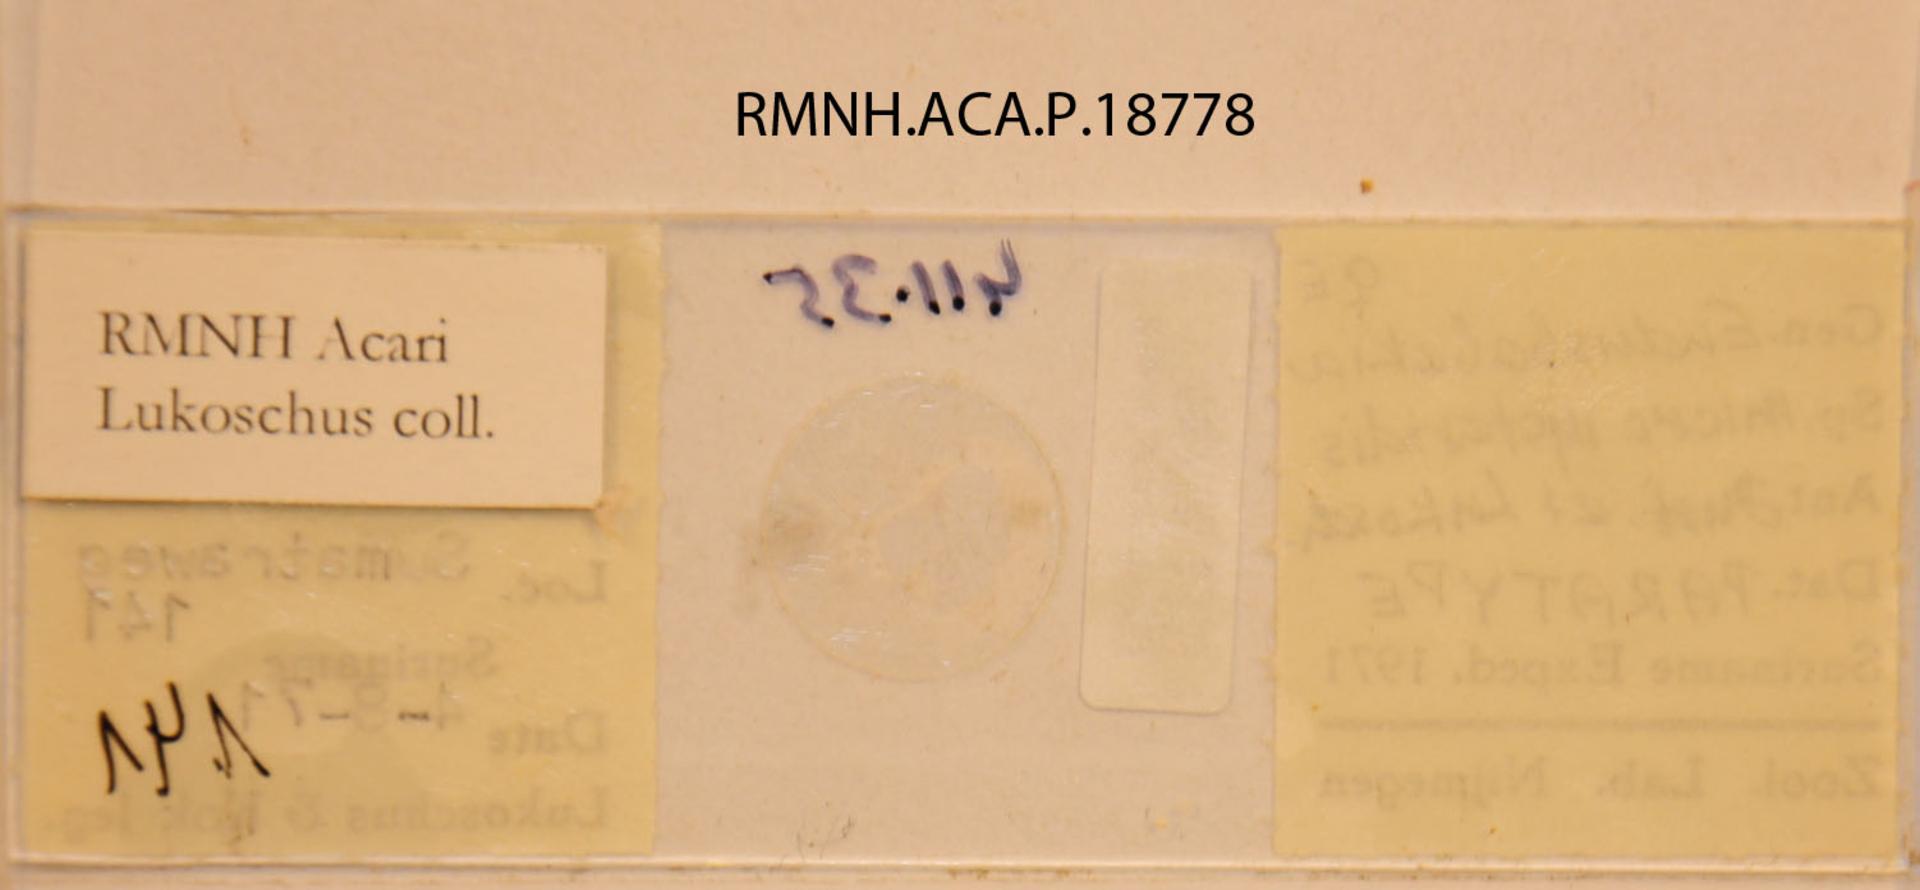 RMNH.ACA.P.18778   Eudusbabekia micronycteridis